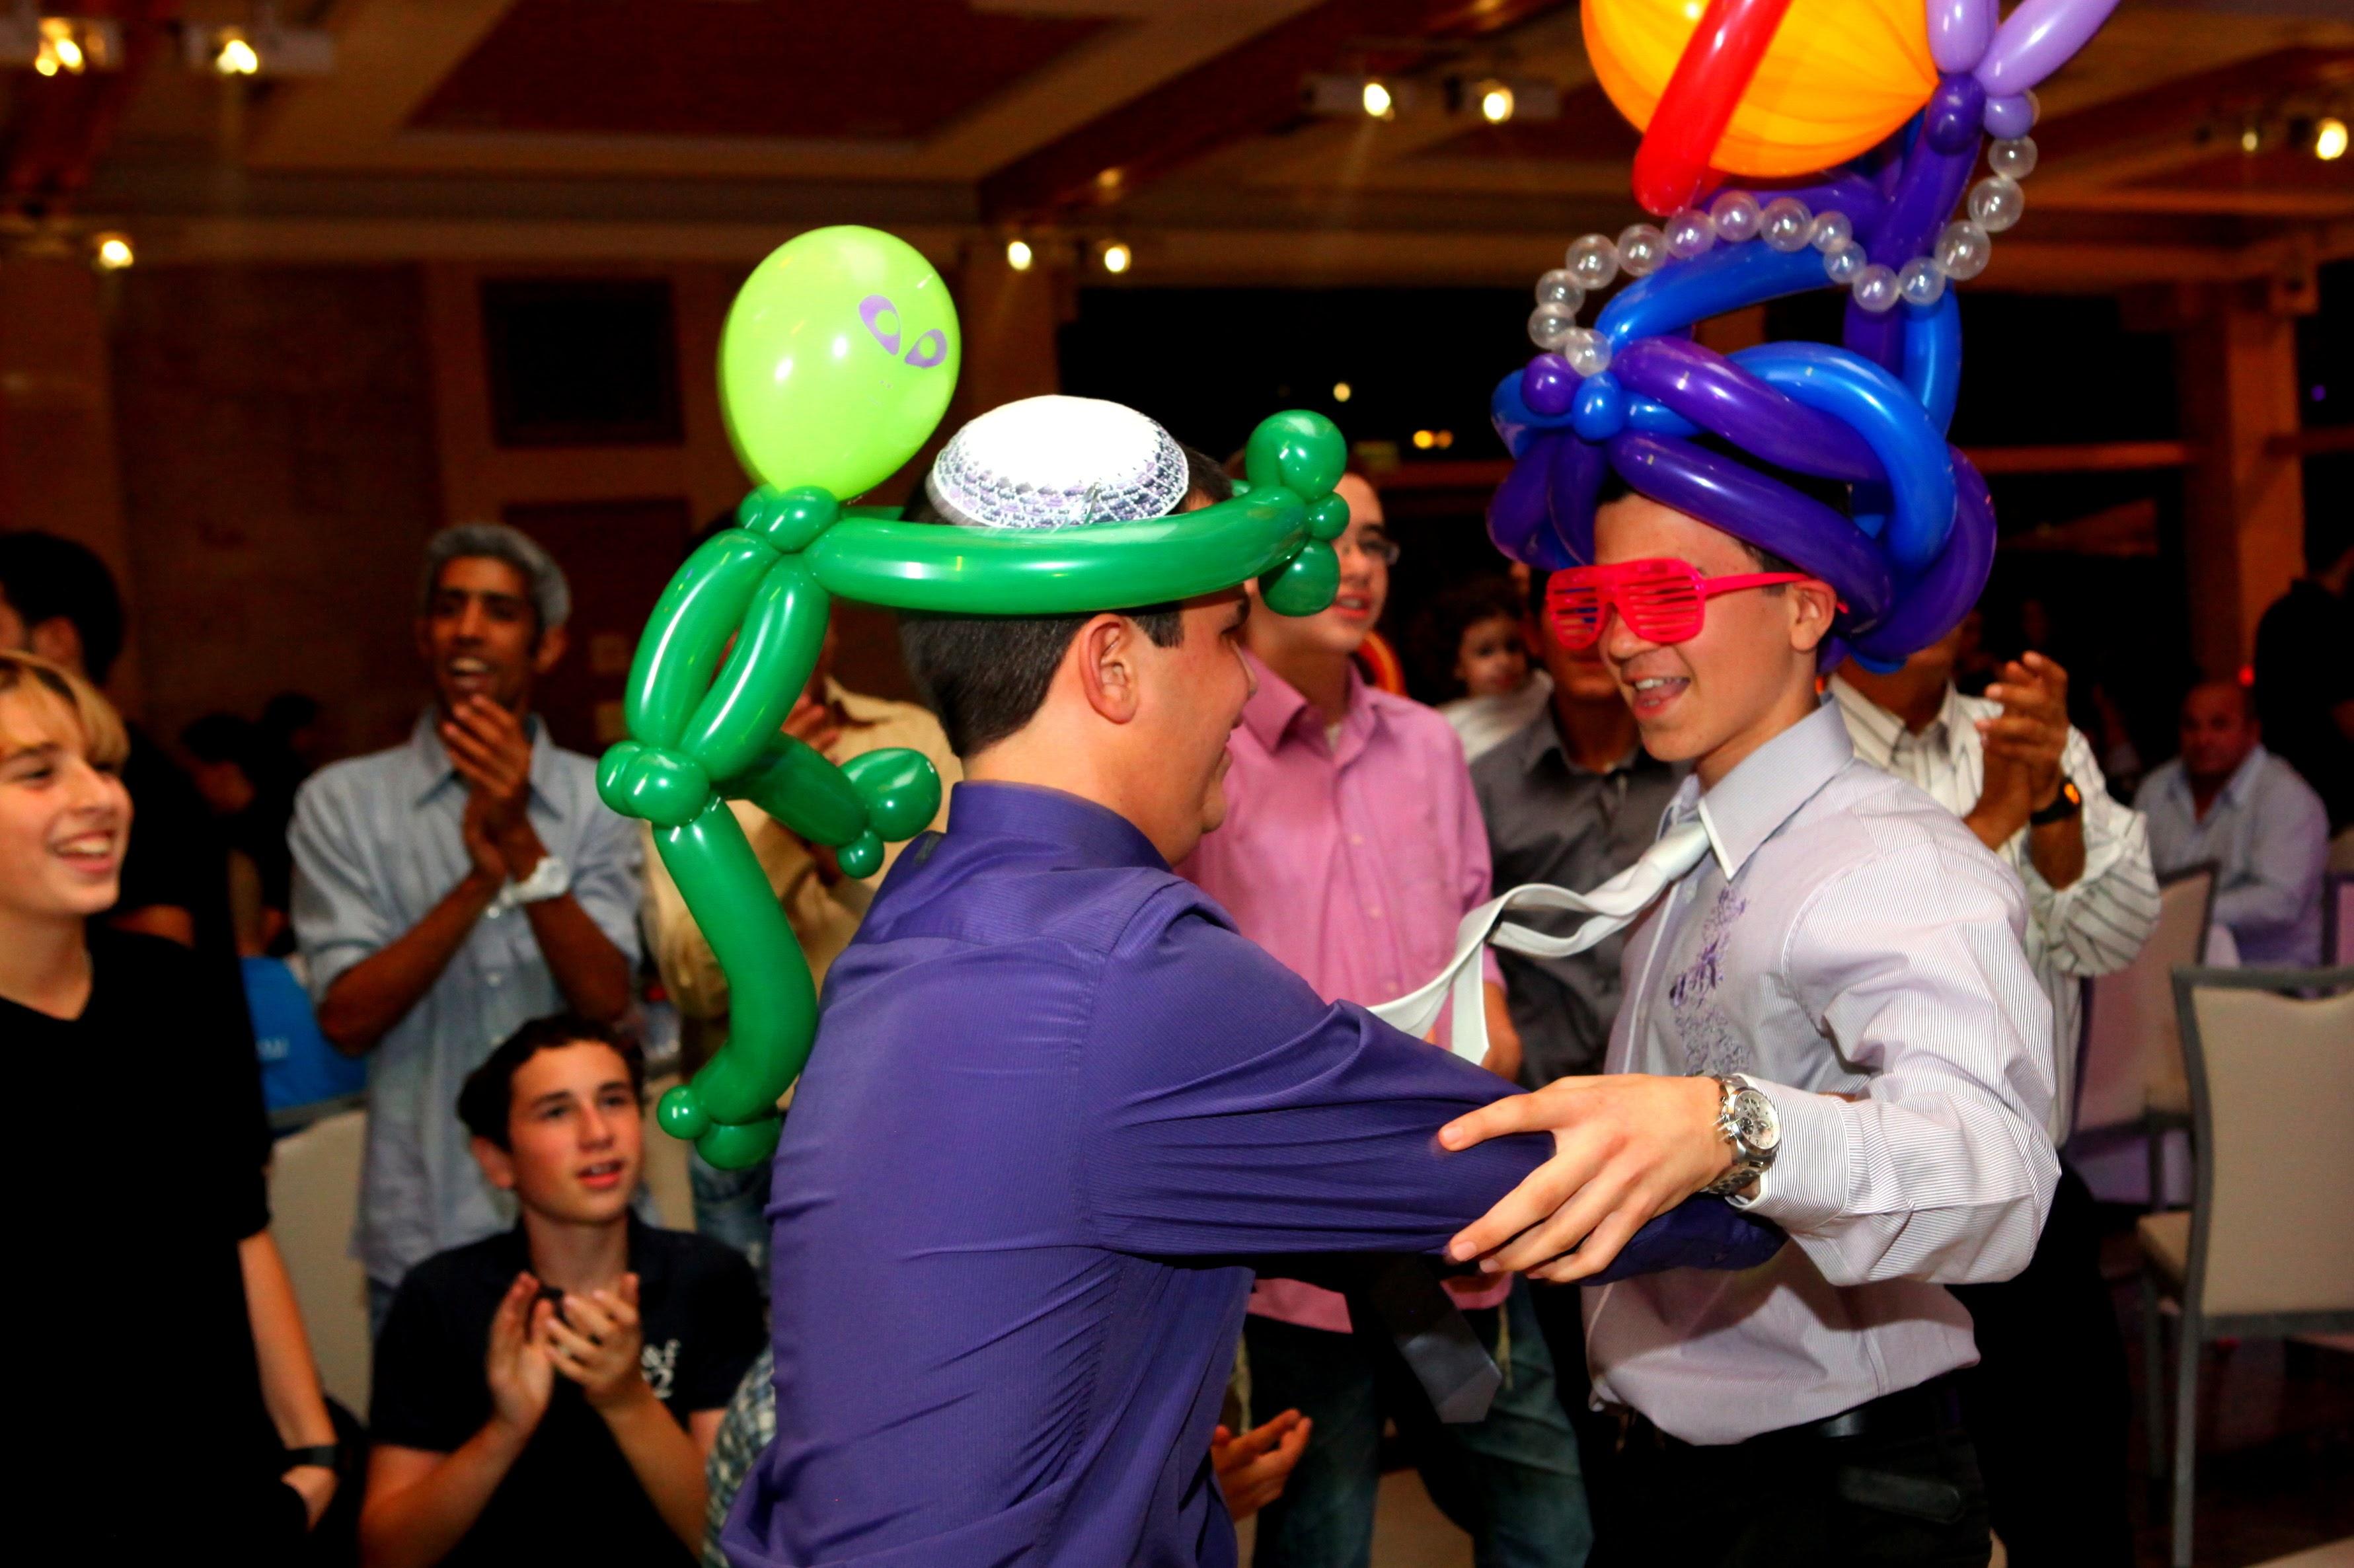 ריקודים עם כובעים מבלונים בבר מצווה